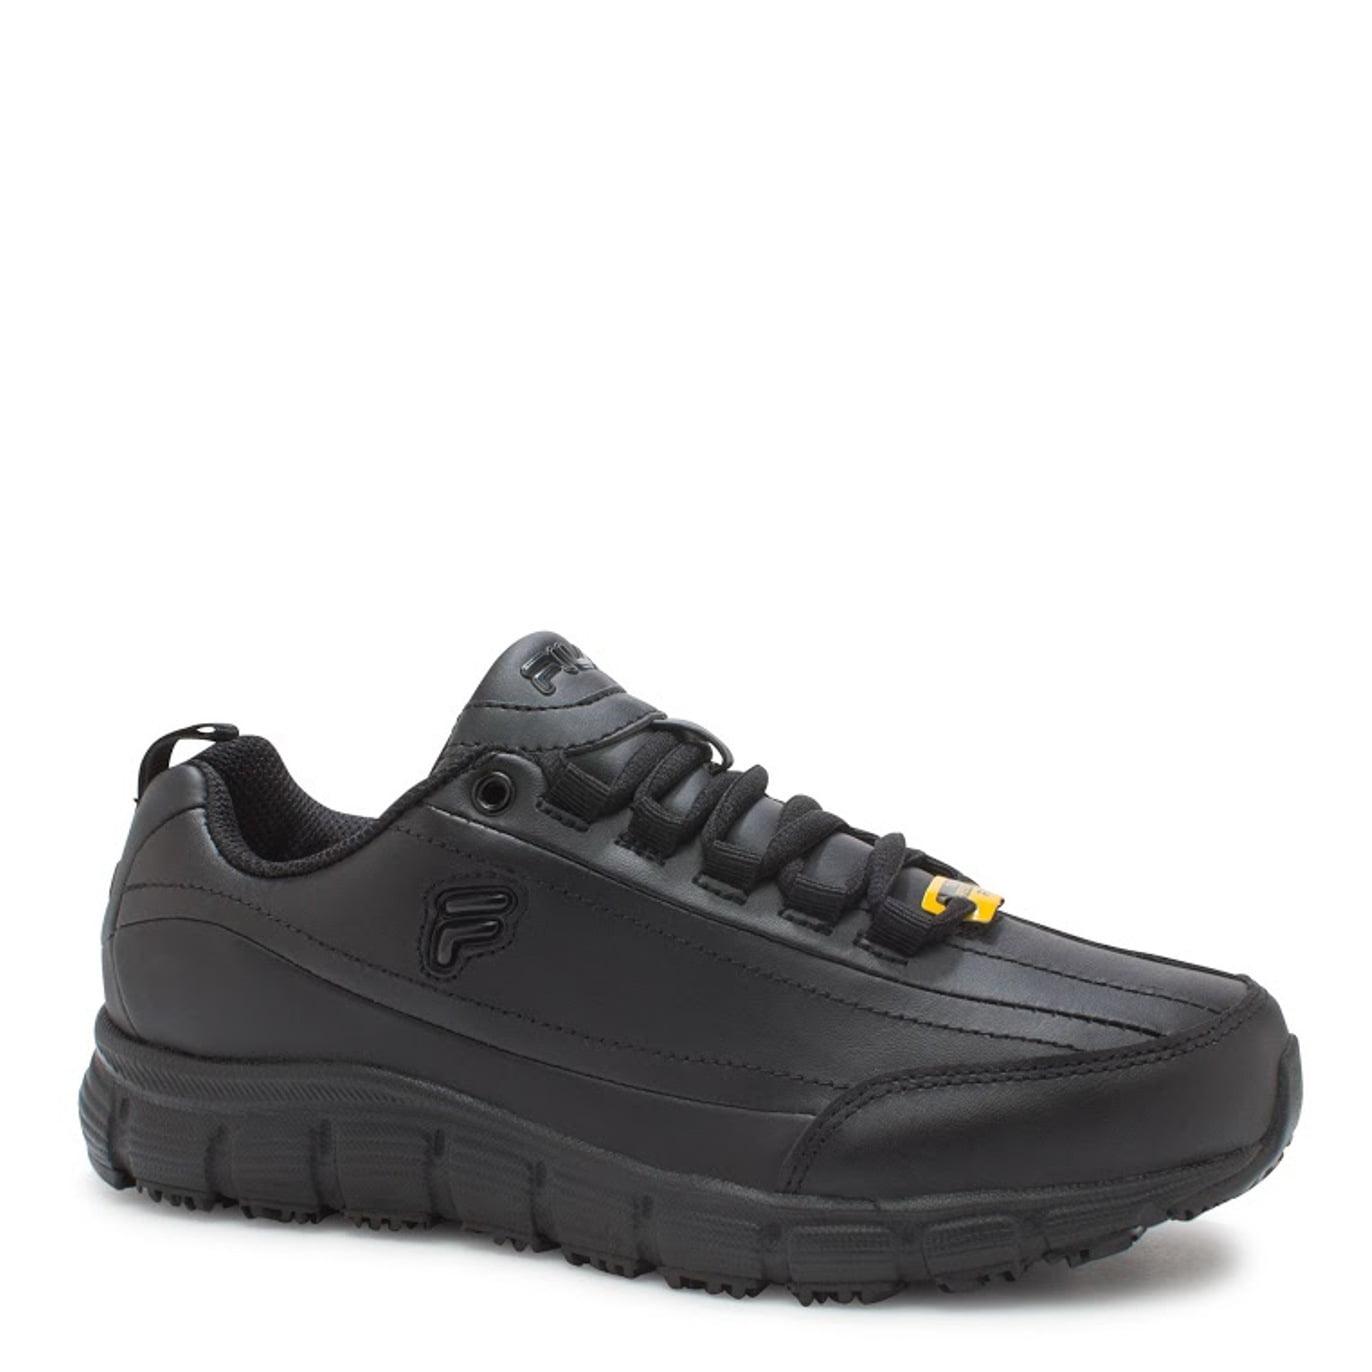 Fila Work Women Memory Radiance SR Wide Sneakers